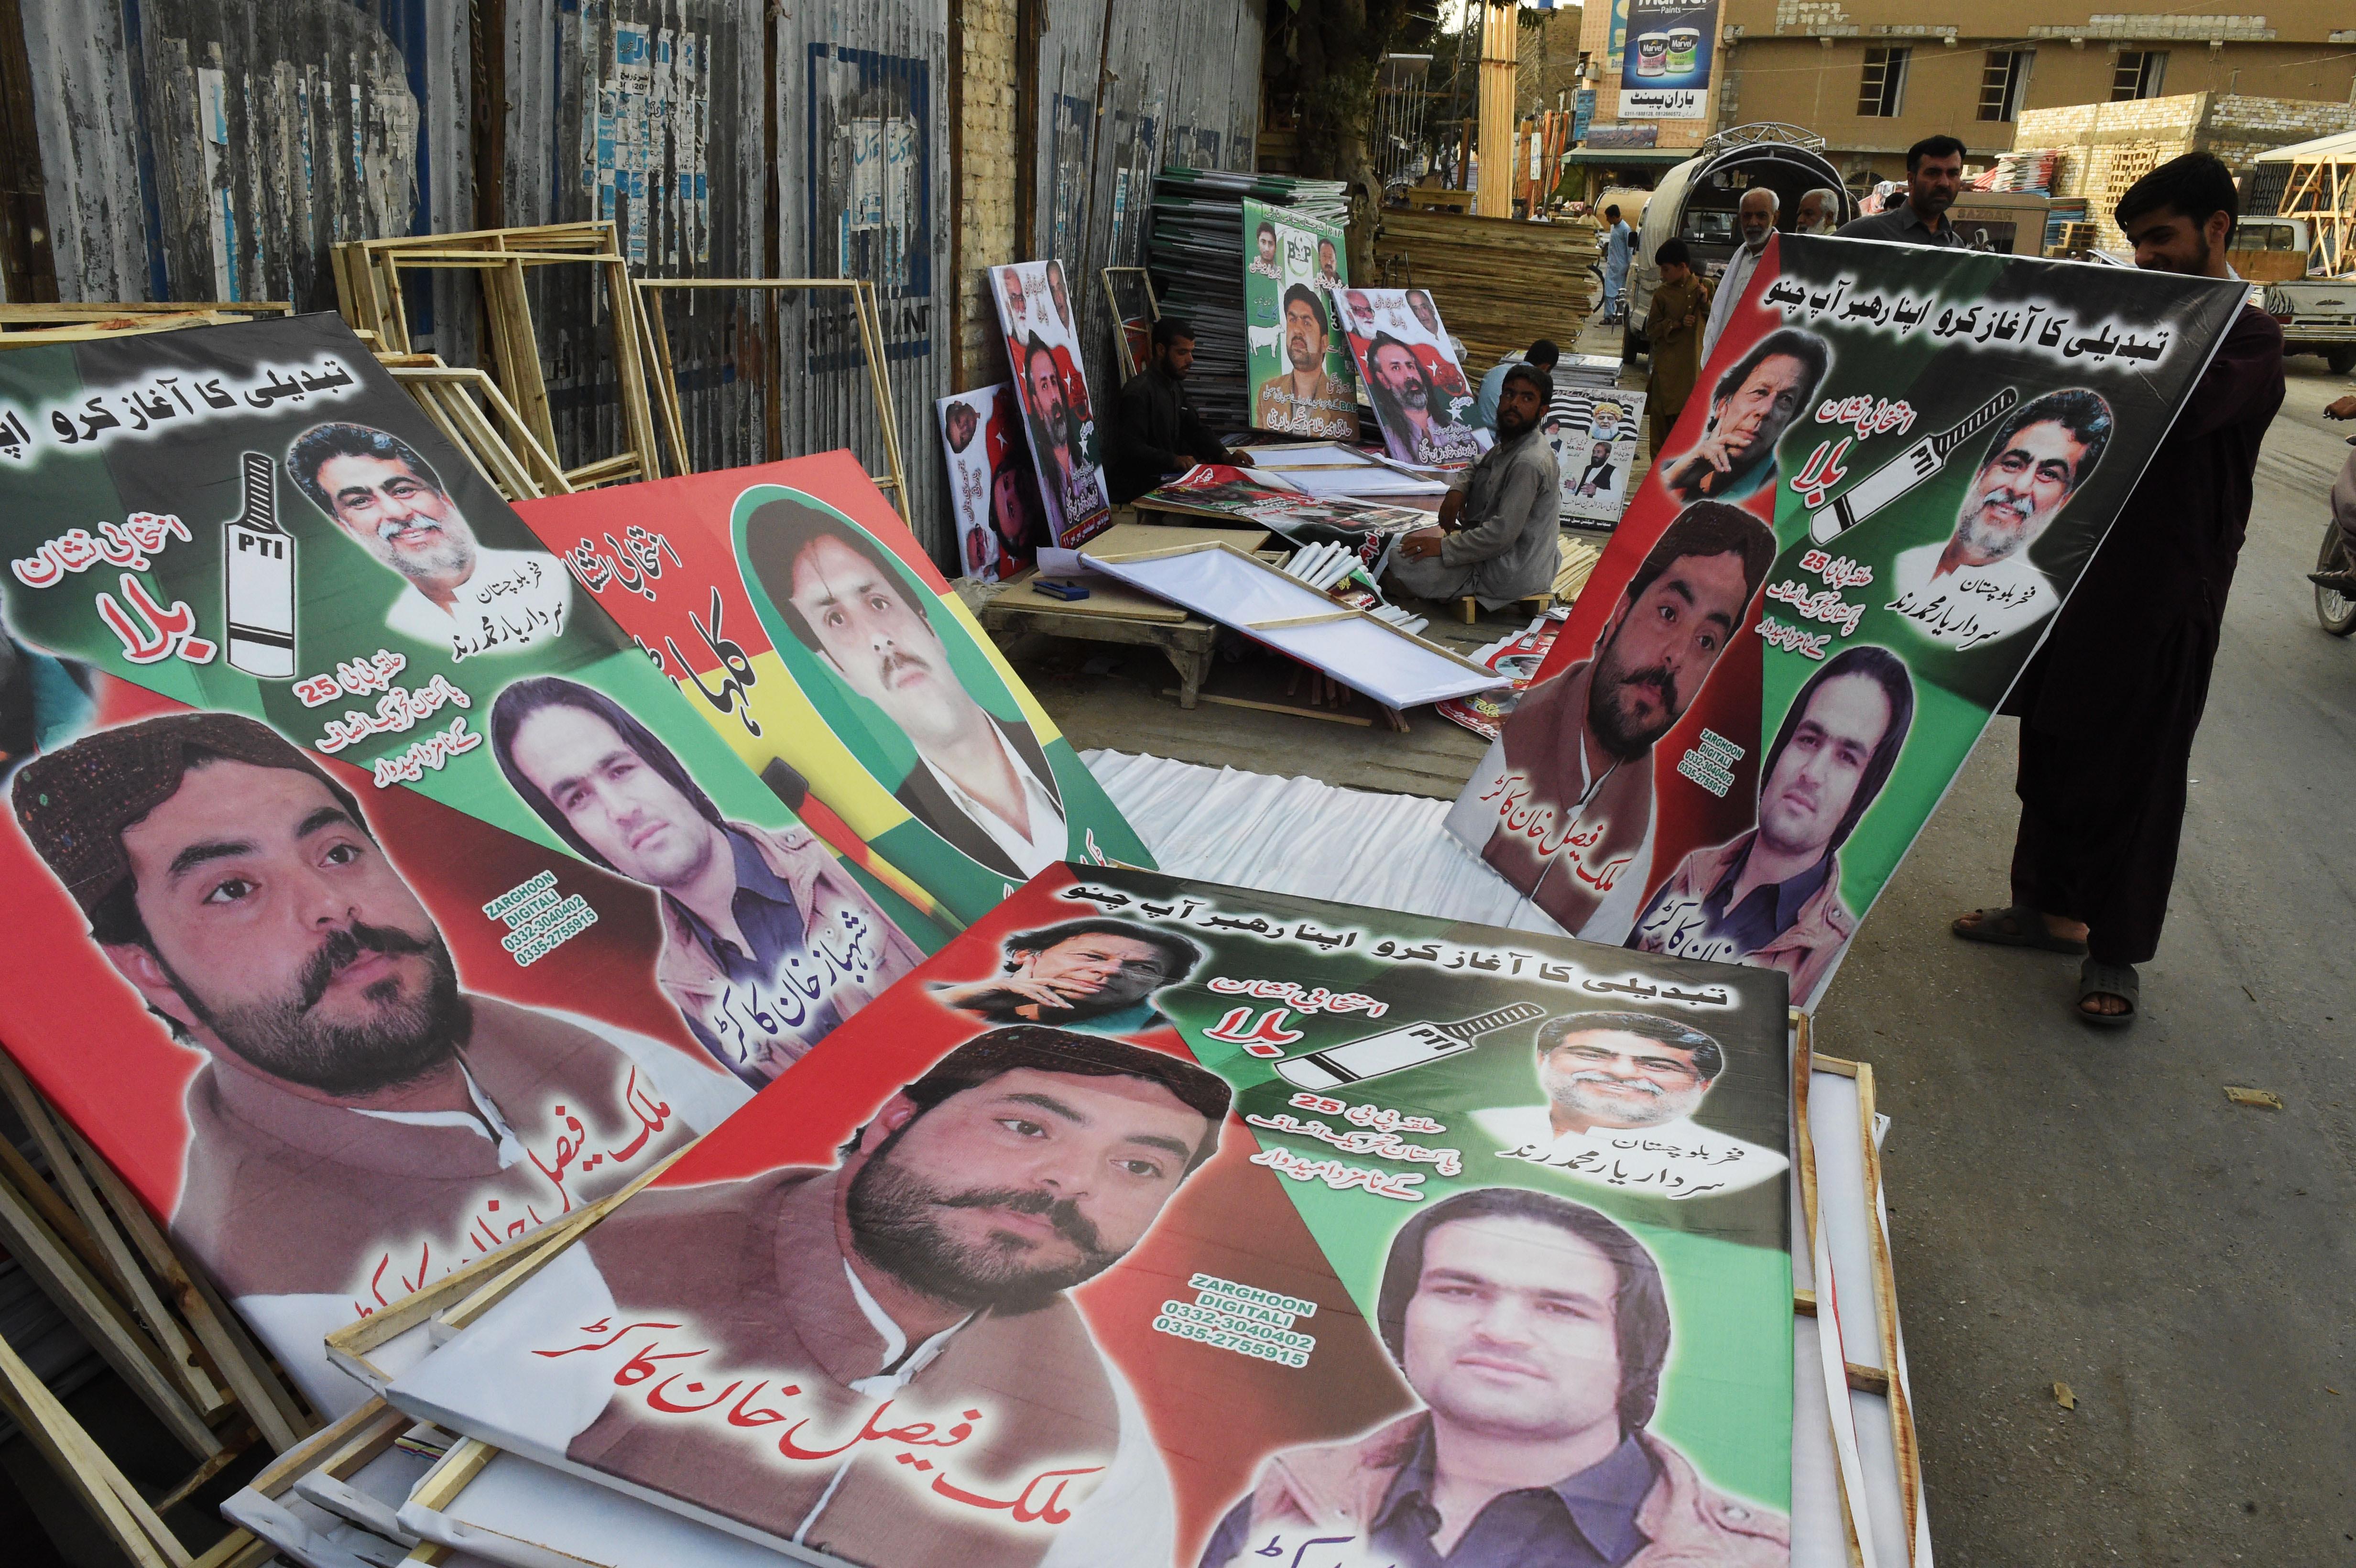 د پاکستان انتخاباتي کمپاینونه د سولې او امنیت سره روان دي